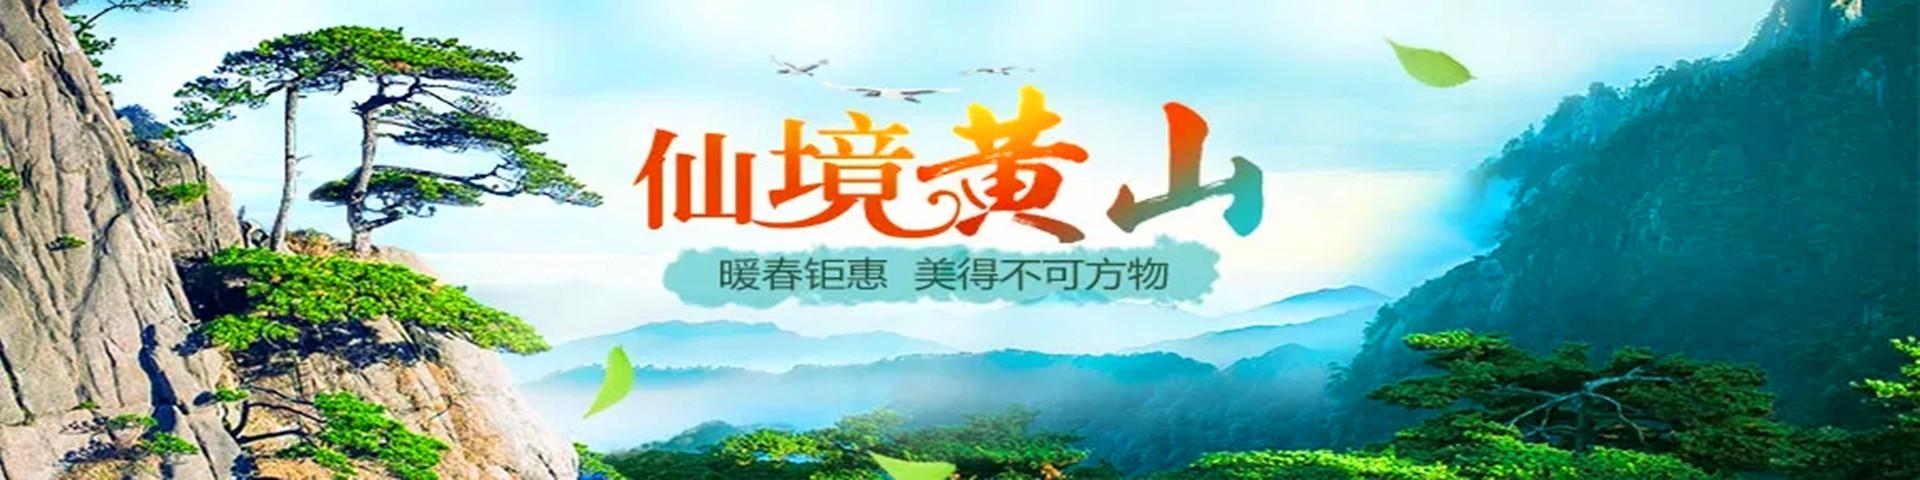 黄山+西递宏村+新安江山水画廊+徽州古城5日4晚跟团游(山上住一晚)